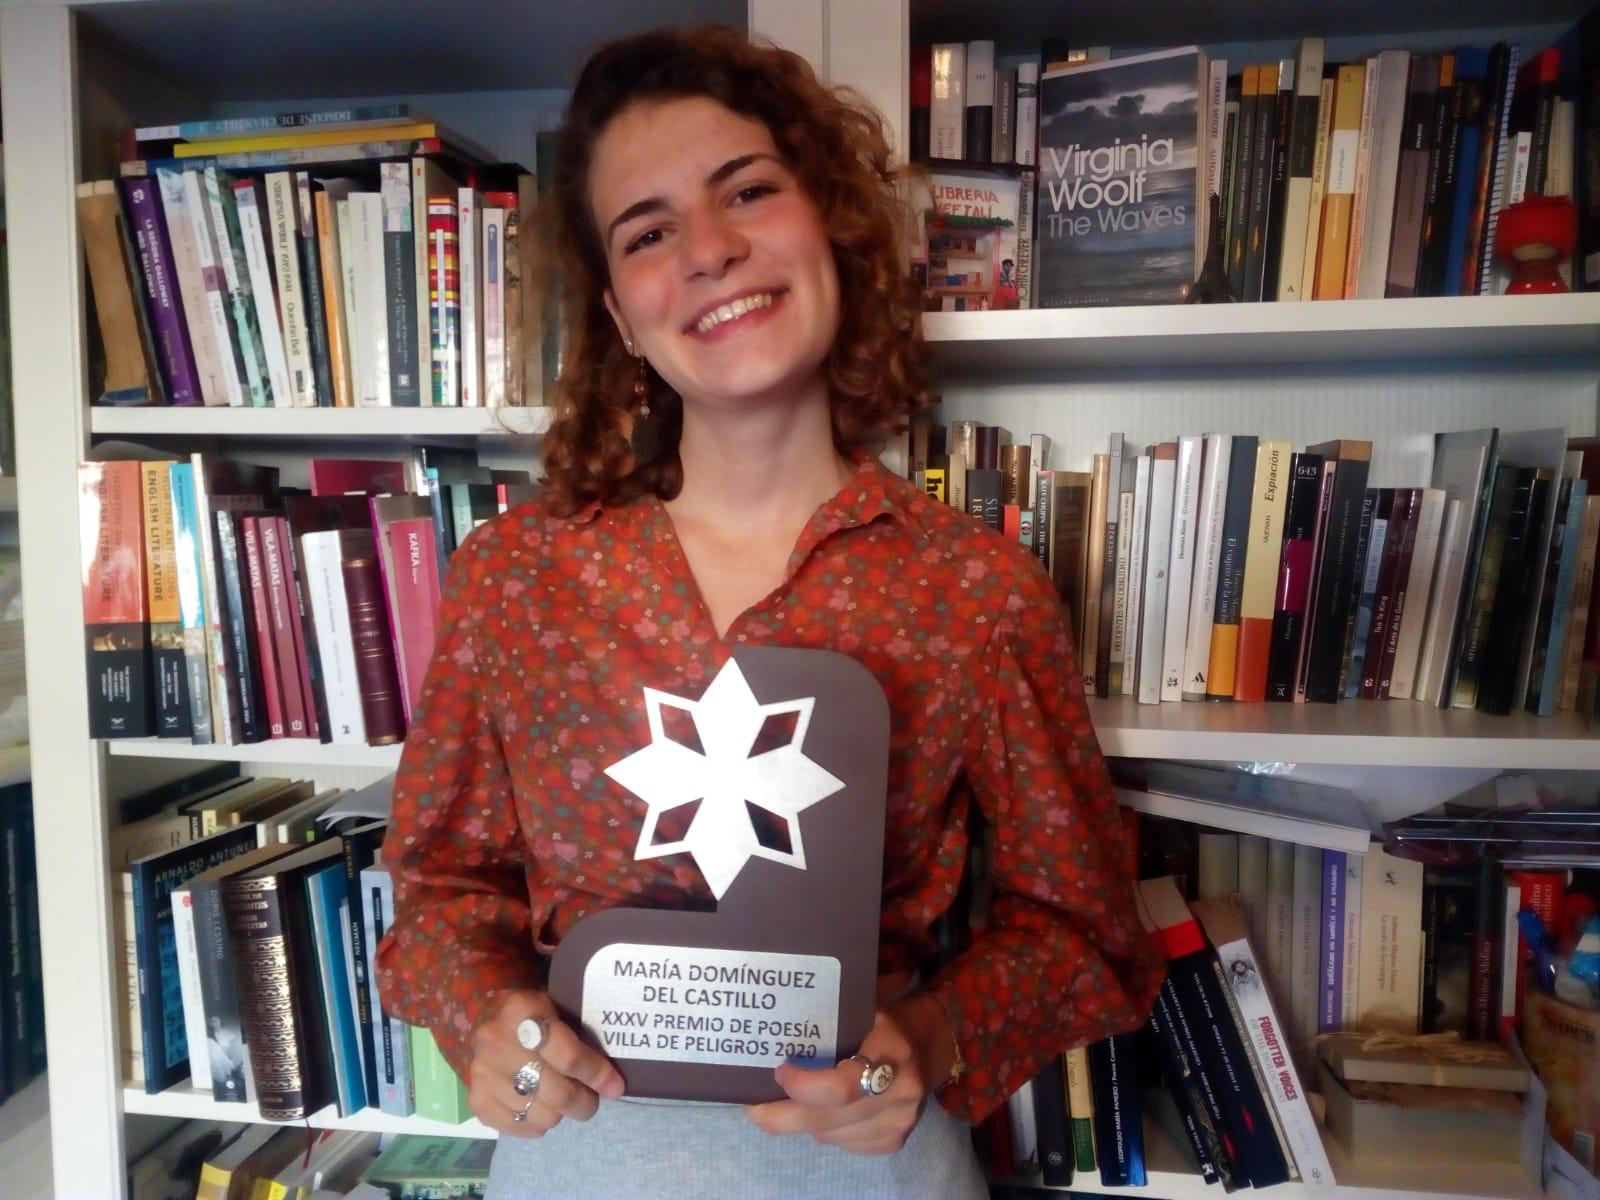 María Domínguez del Castillo gana la trigésimo quinta edición del Certamen Andaluz de Poesía 'Villa de Peligros'